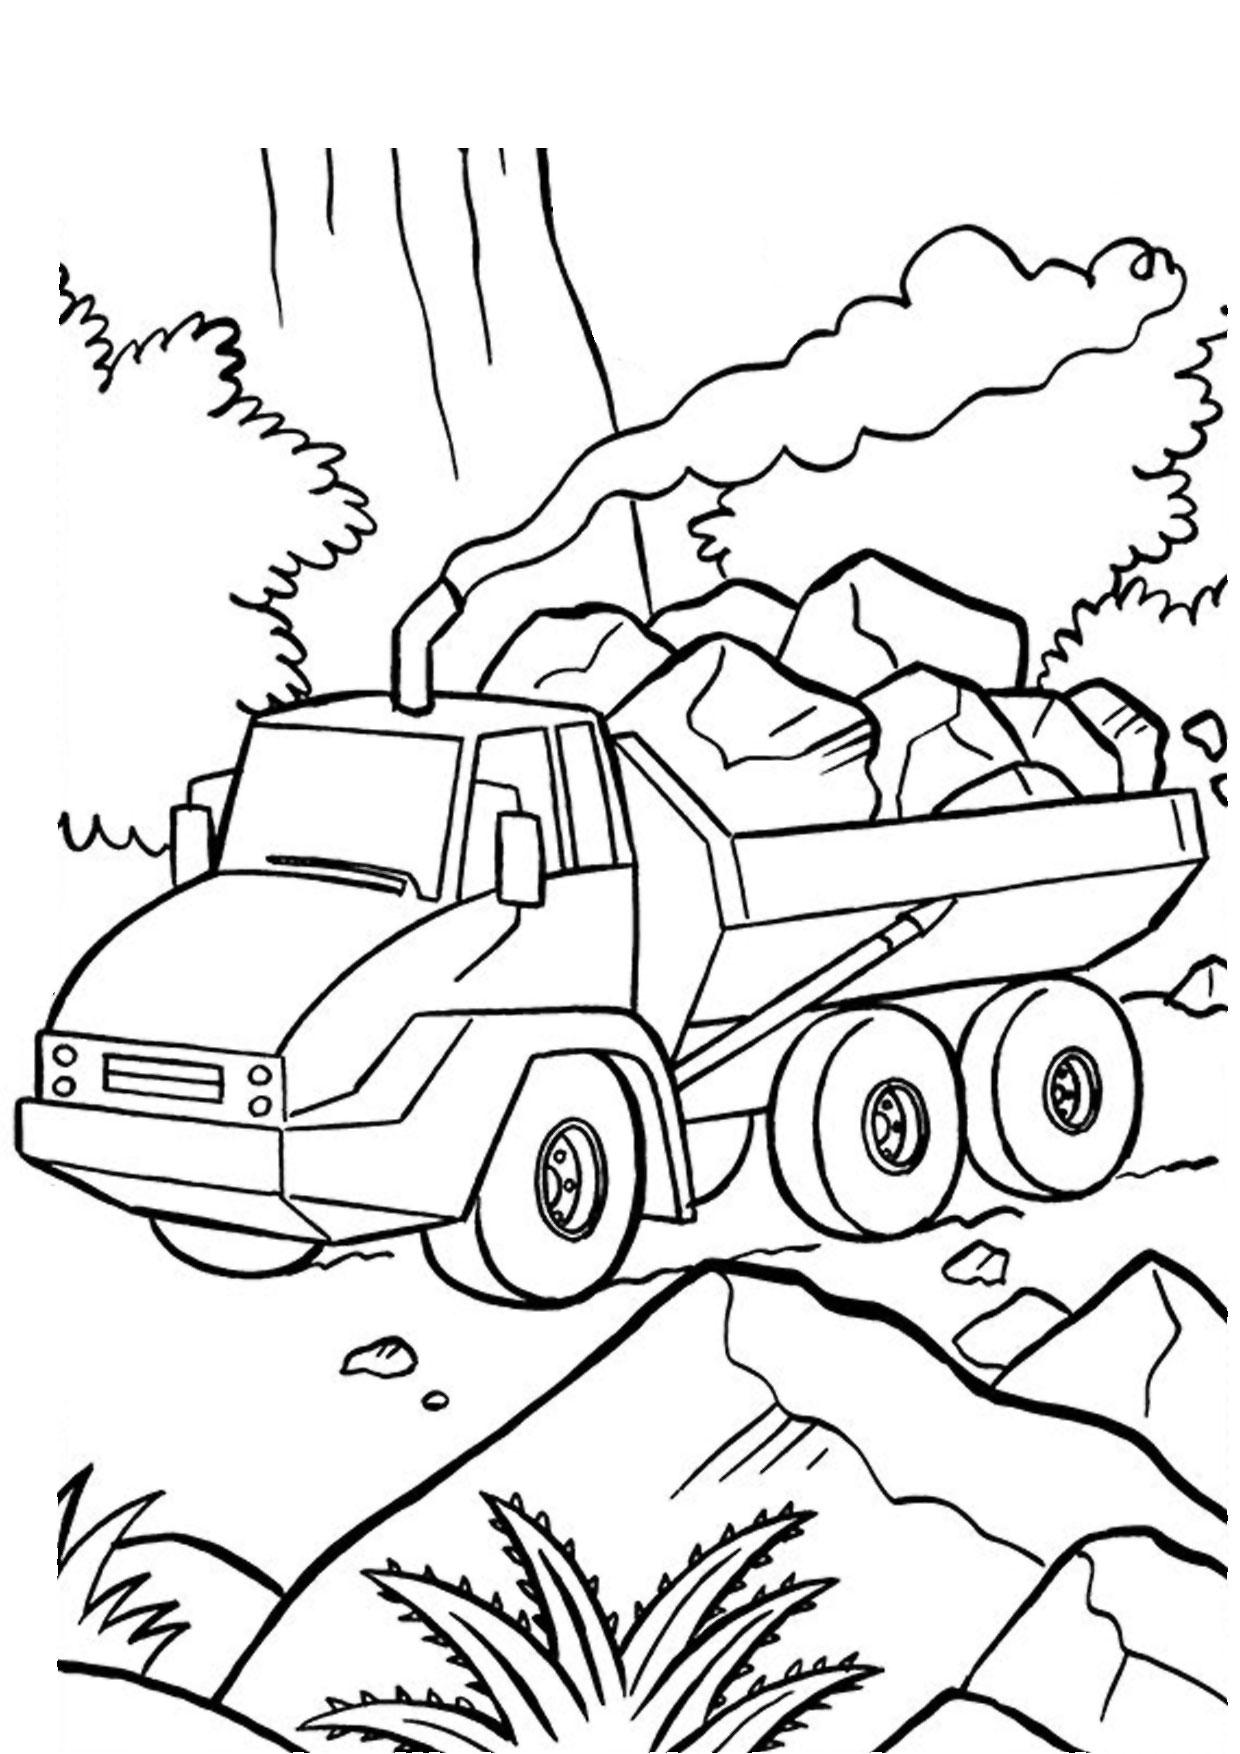 Disegno di camion da colorare 39